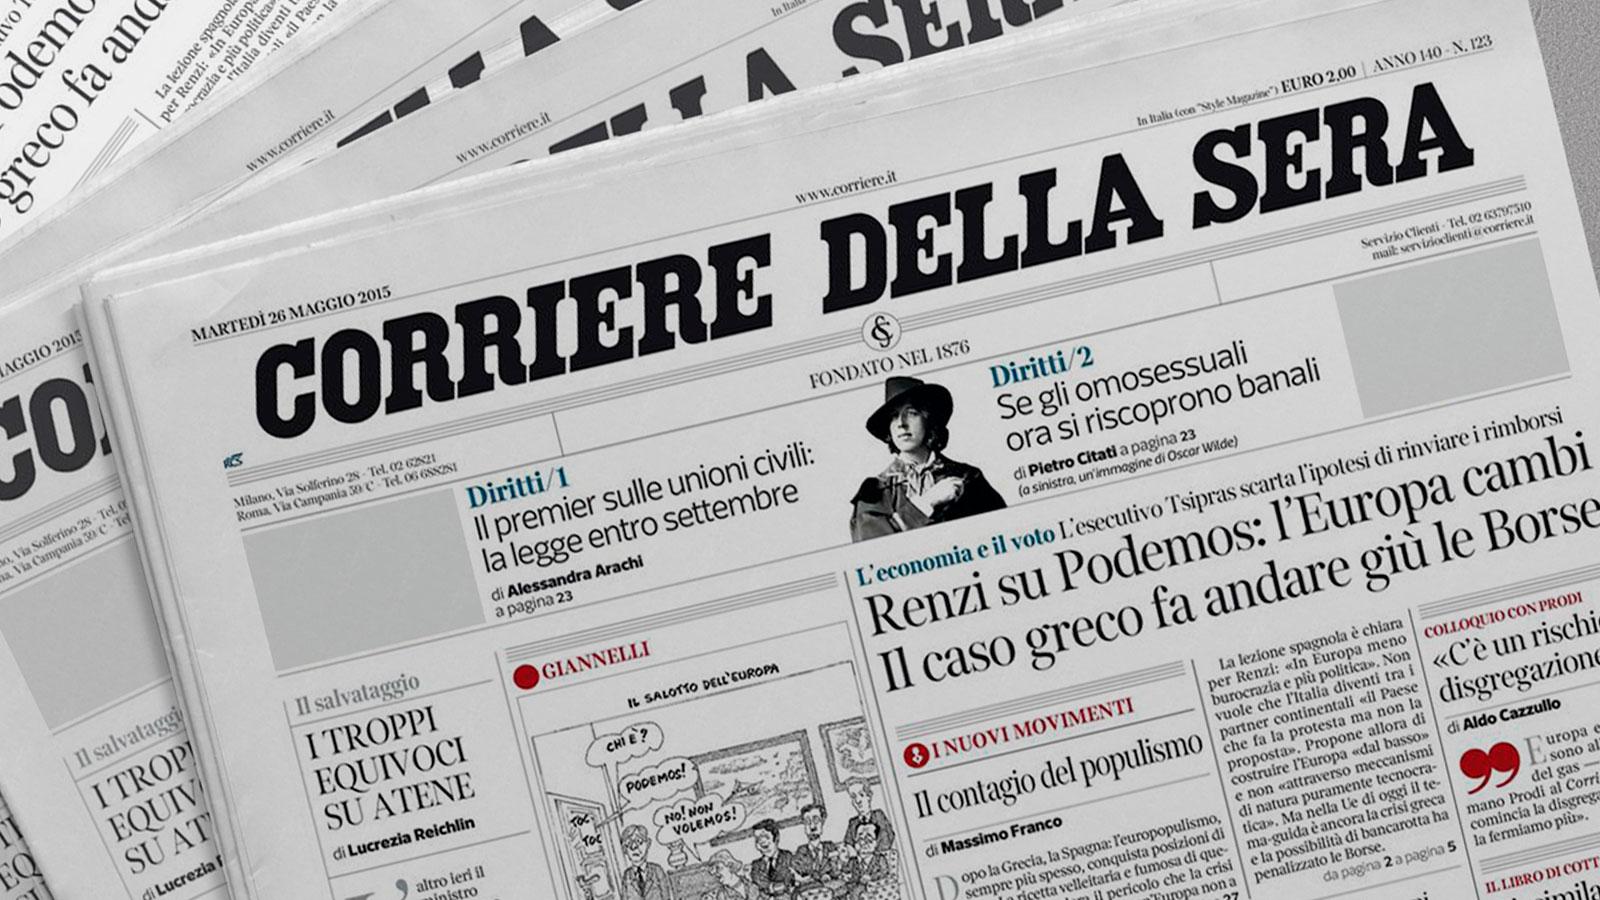 Corriere della Sera: Giusto vedere Red Land anche per pagare un debito